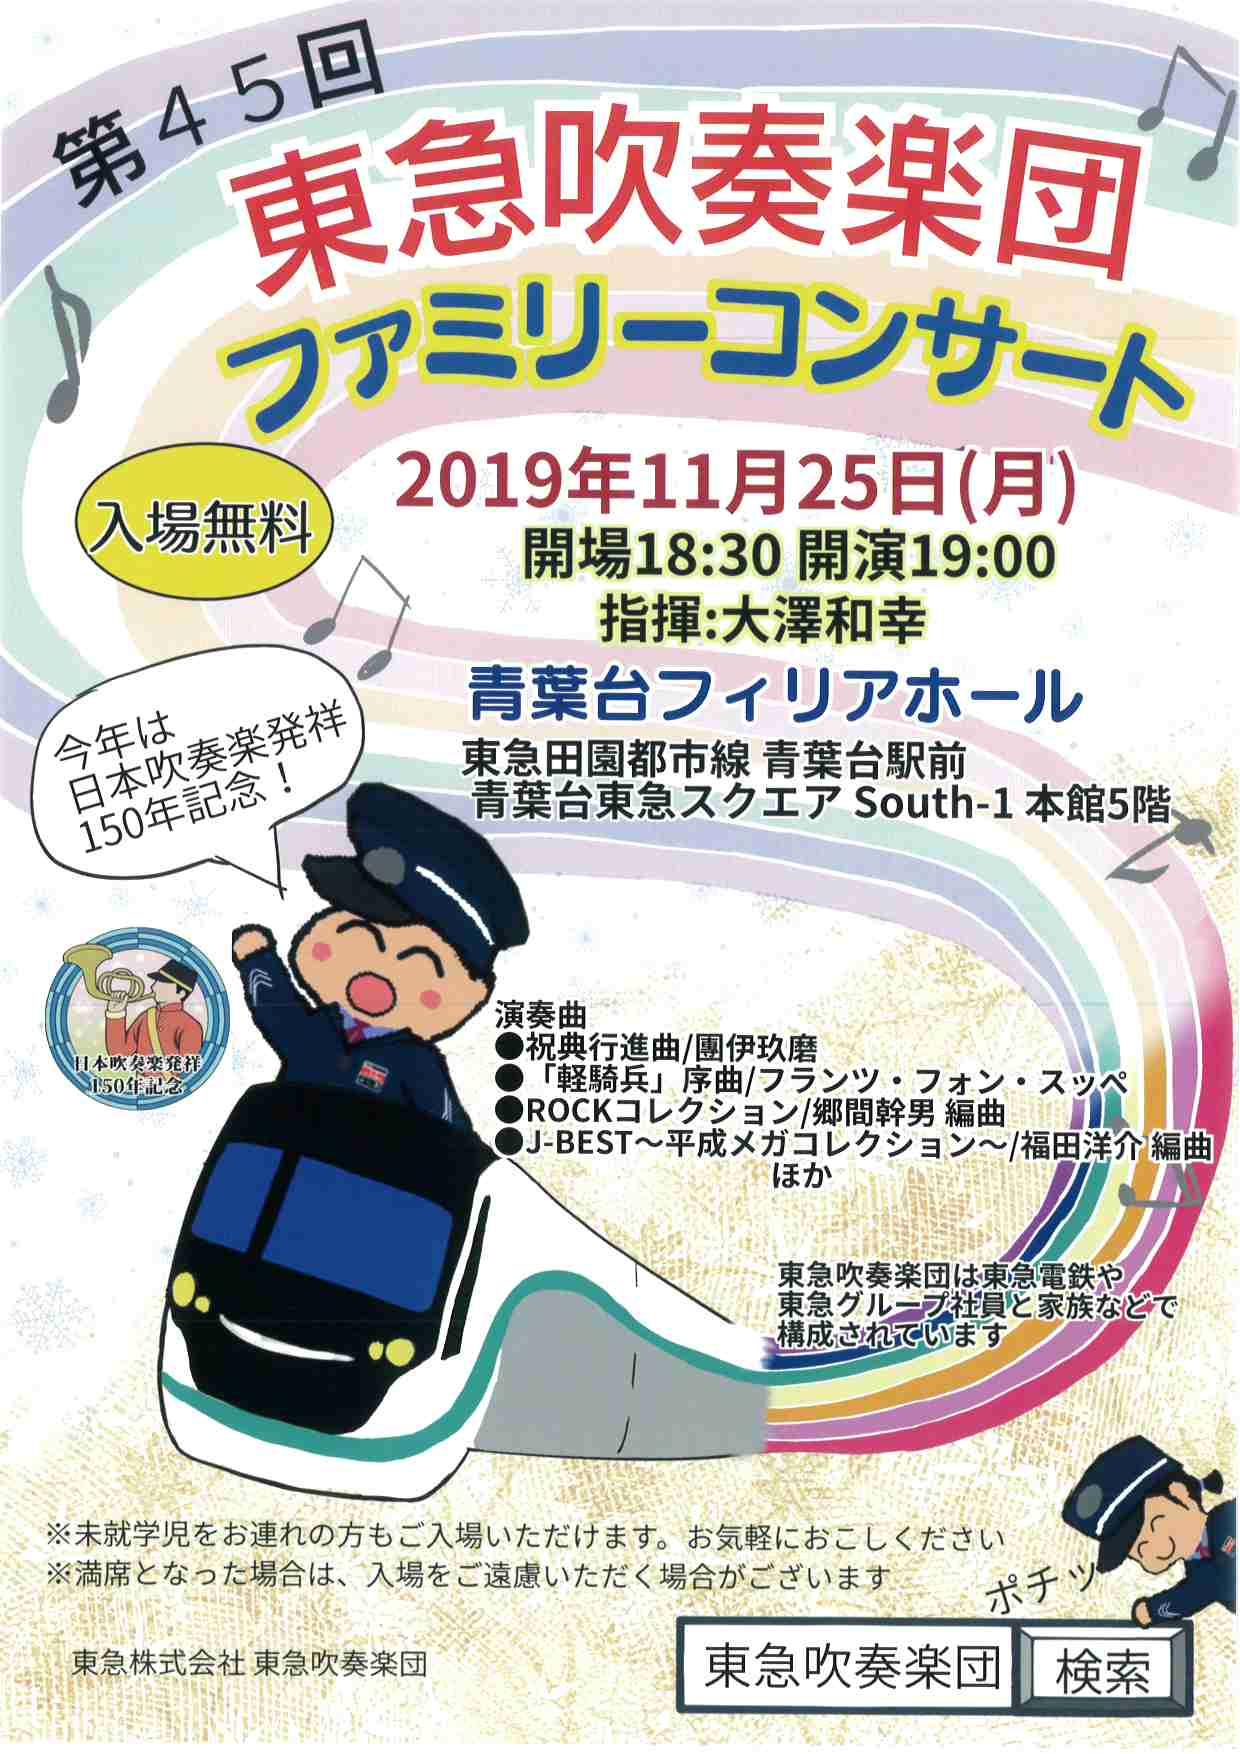 第45回 東急吹奏楽団ファミリーコンサート